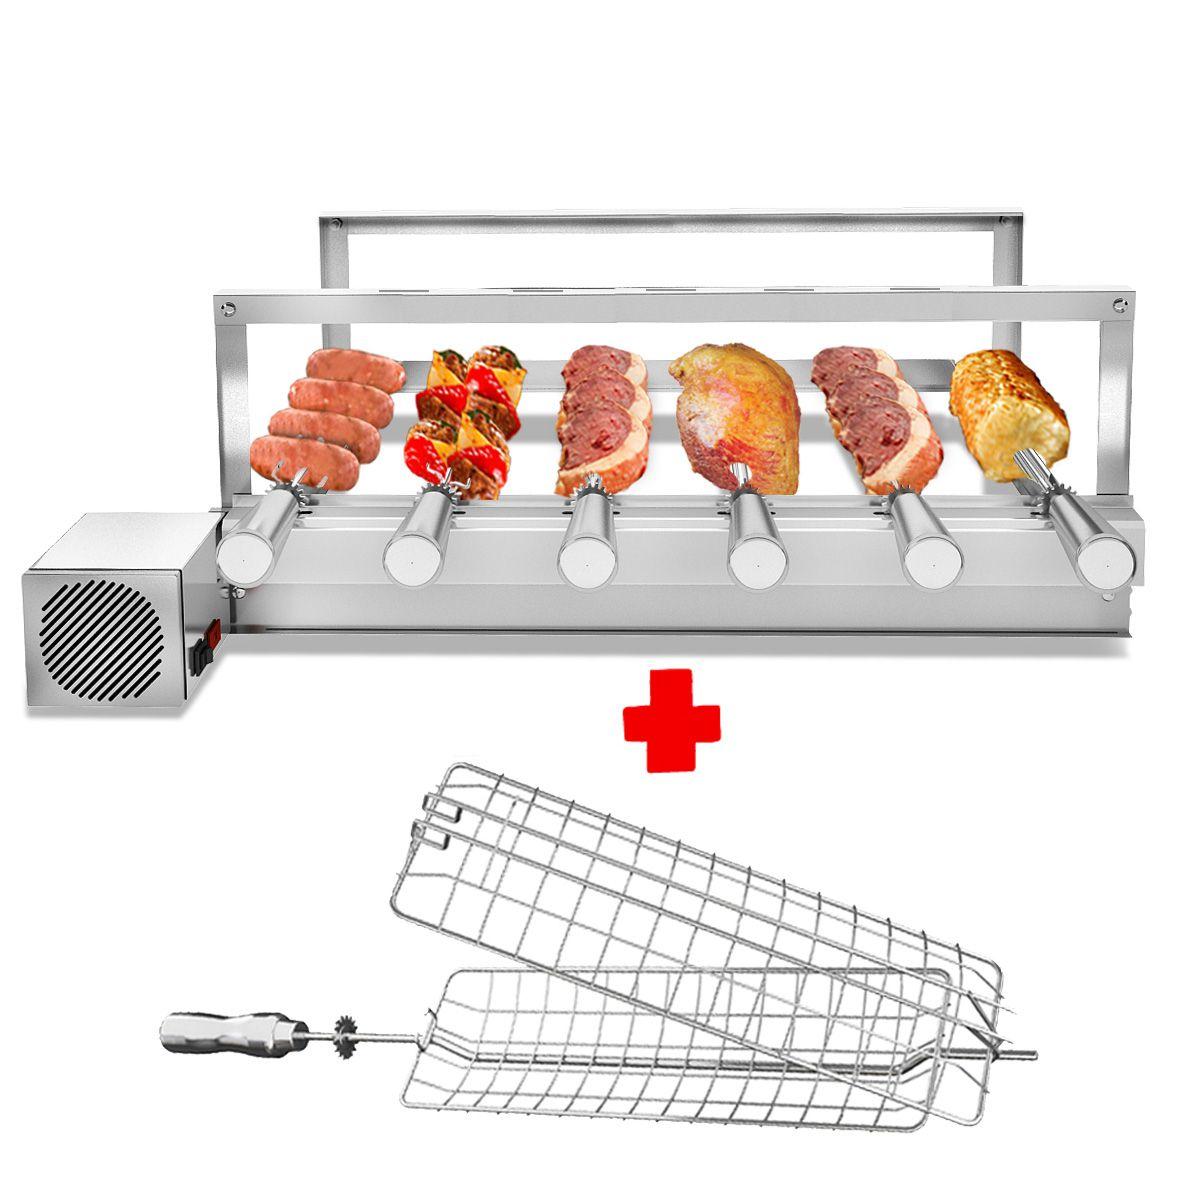 Churrasqueira Gira Grill Inox 6 Espetos Giratórios MOTOR LADO DIREITO  + 1 Grelha